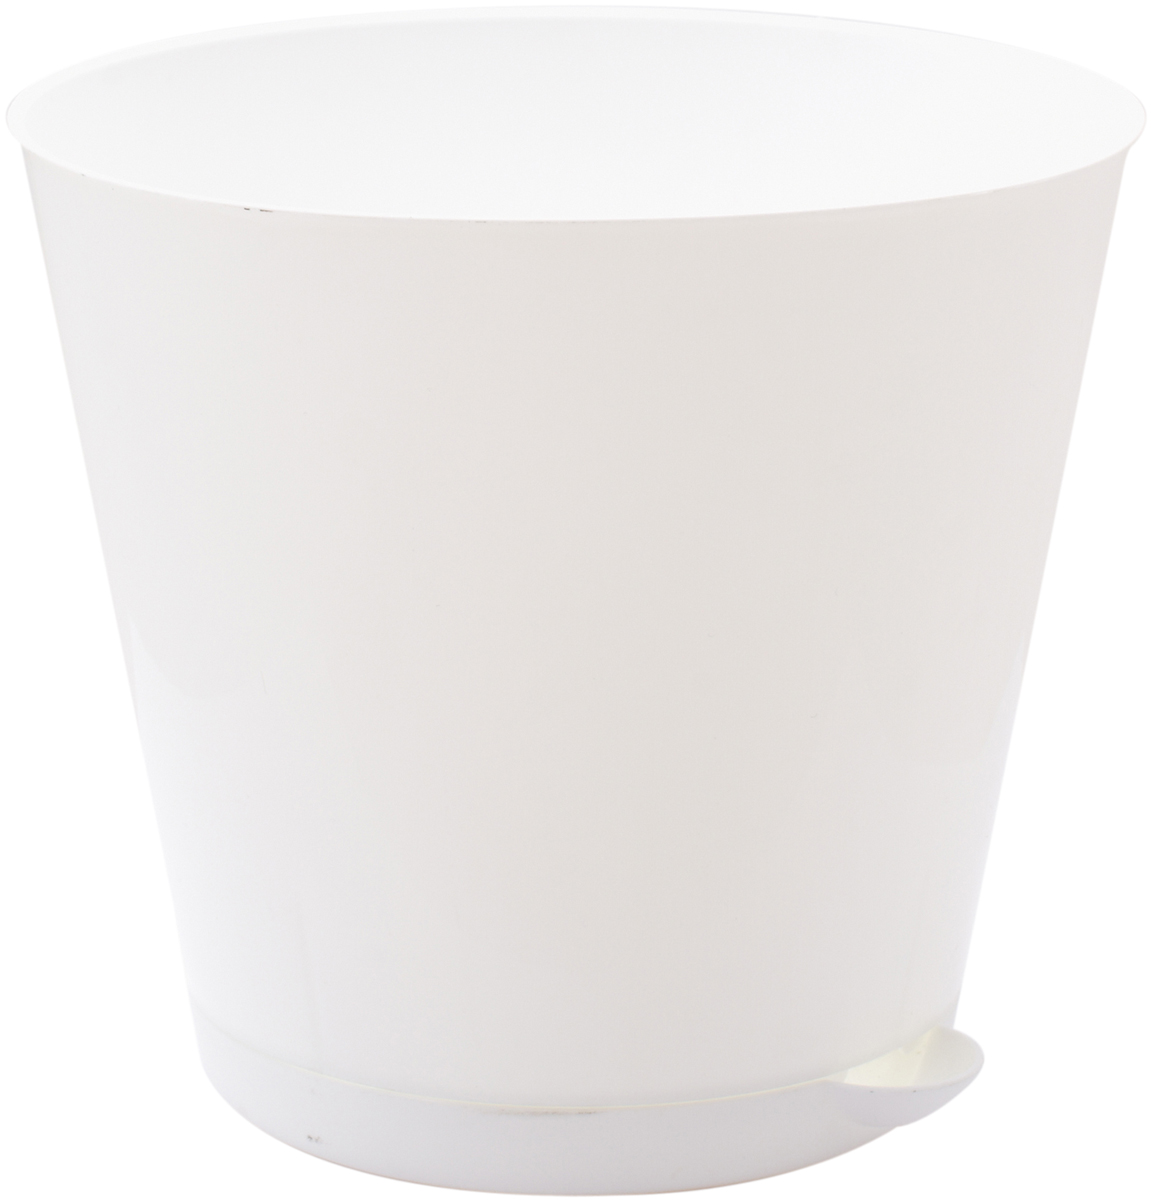 Горшок для цветов InGreen Крит, с системой прикорневого полива, цвет: белый, диаметр 16 смING46016БЛ-16РSЦветочный горшок «Крит» -это поиск нового, в основе которого лежит целесообразность. Горшок лаконичный и богат яркими цветовыми решениями, отличается функциональностью. Специальная конструкция обеспечивает вентиляцию в корневой системе растения, а дренажная решетка позволяет выходить лишней влаге из почвы. Крепёжные отверстия и штыри прочно крепят подставку к горшку. Прикорневой полив растения осуществляется через удобный носик.